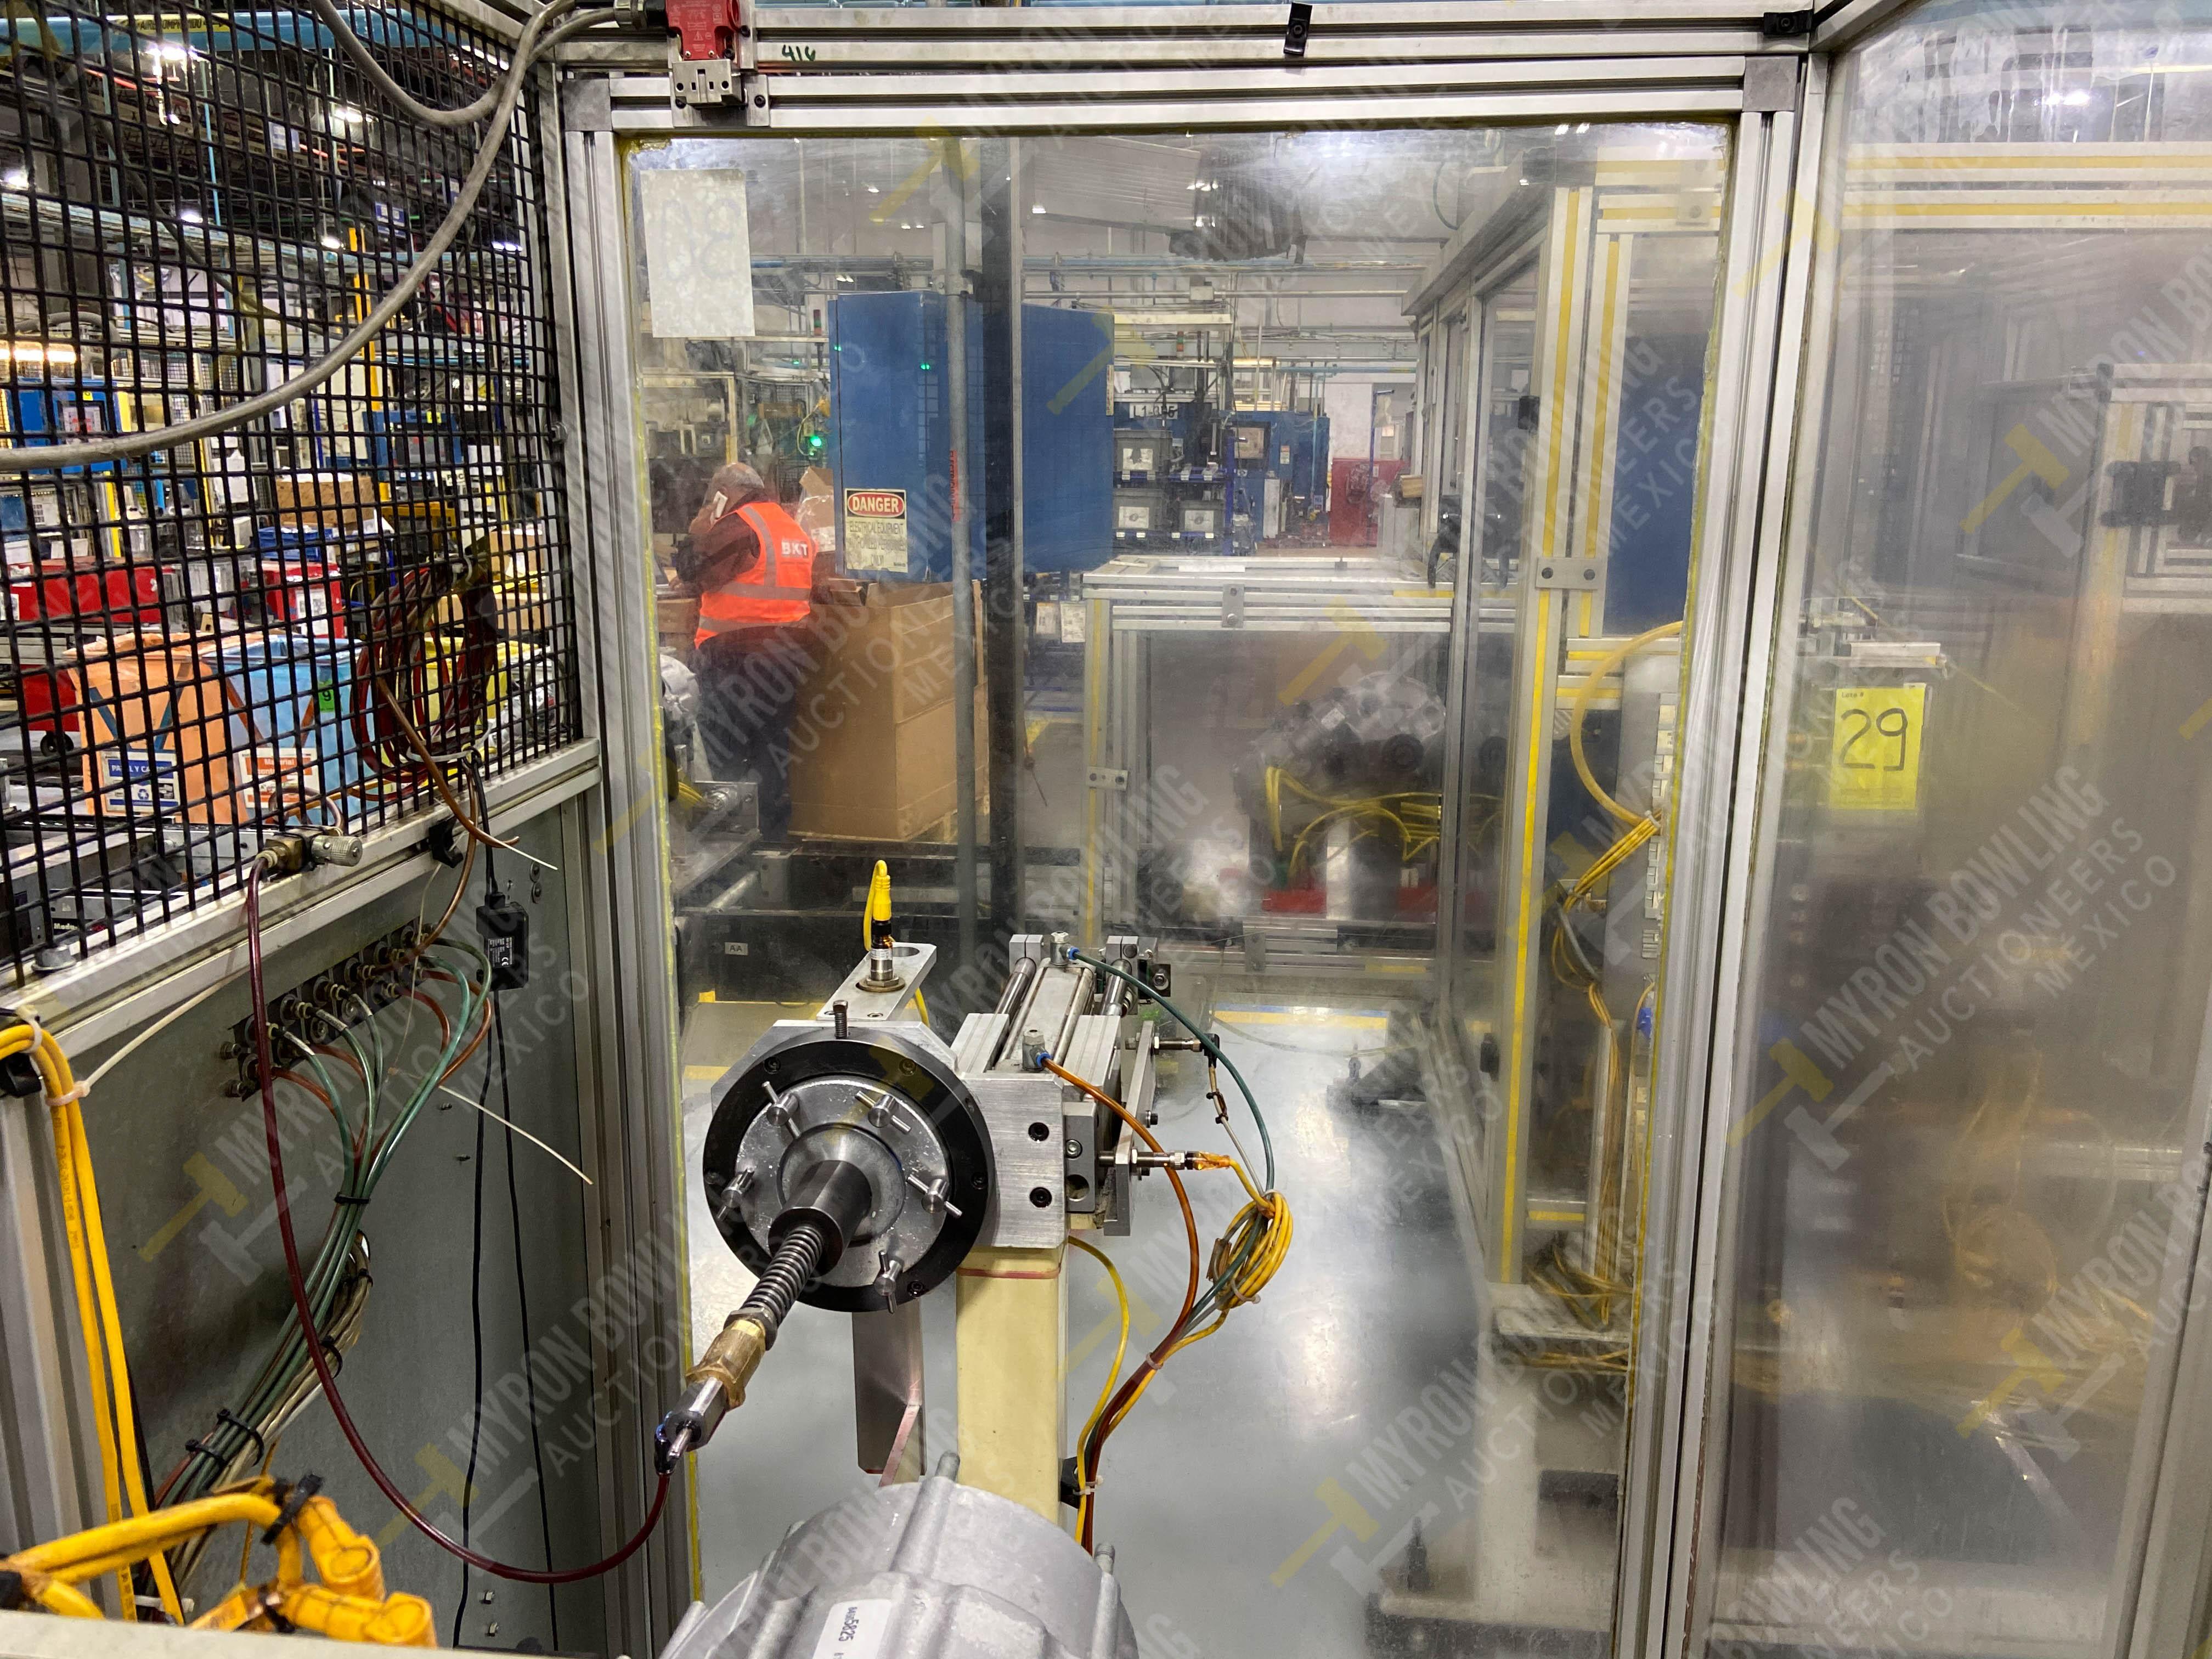 Estación semiautomática para operación 415, contiene: Máquina pesadora de piezas con 1 cilindro - Image 13 of 16